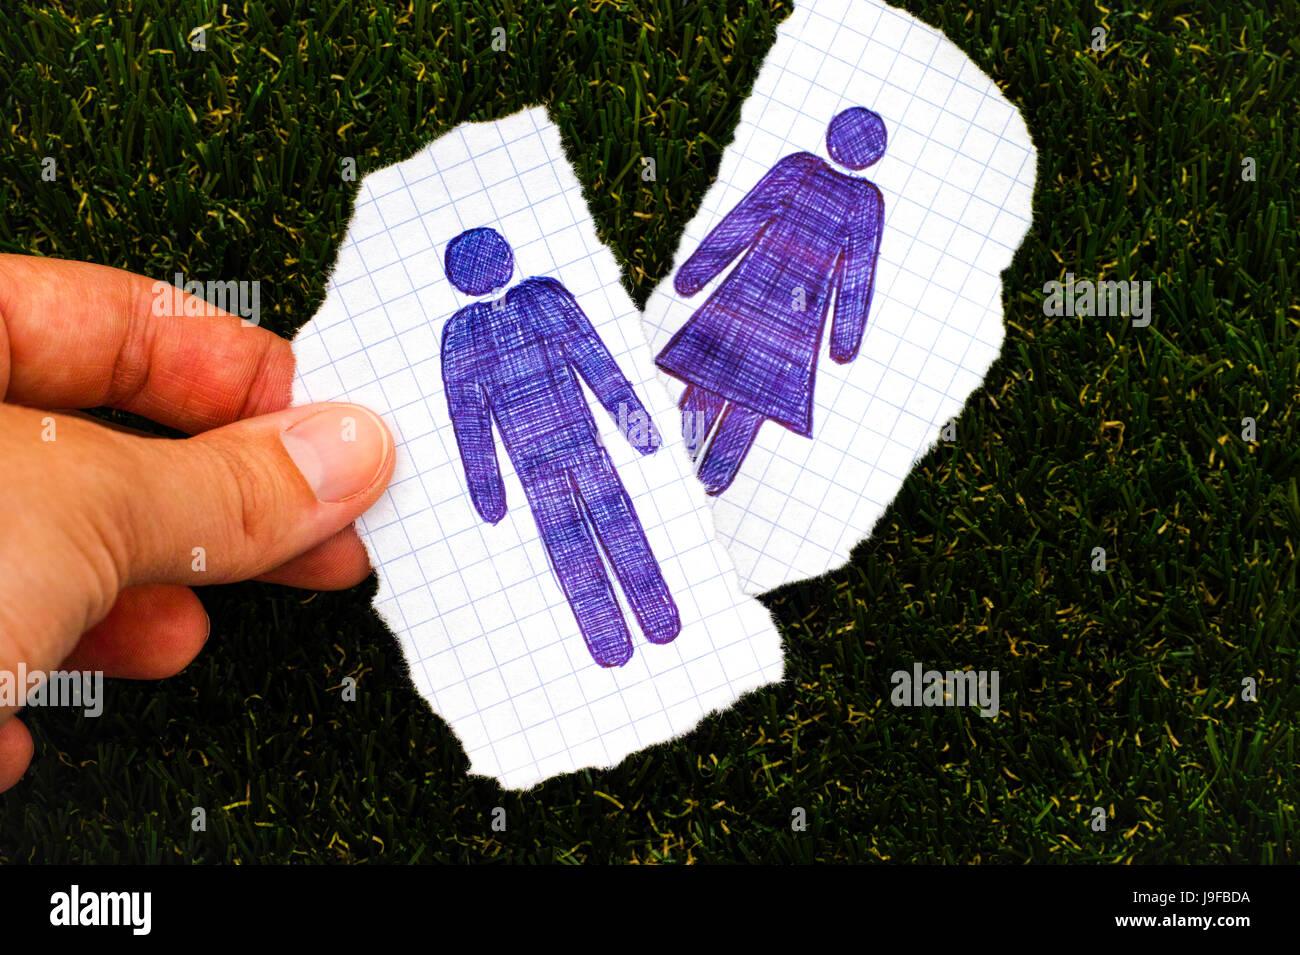 Persona dedos sosteniendo trozo de papel con la figura hombre dibujados a mano. Otro pedazo de papel con la mujer Imagen De Stock